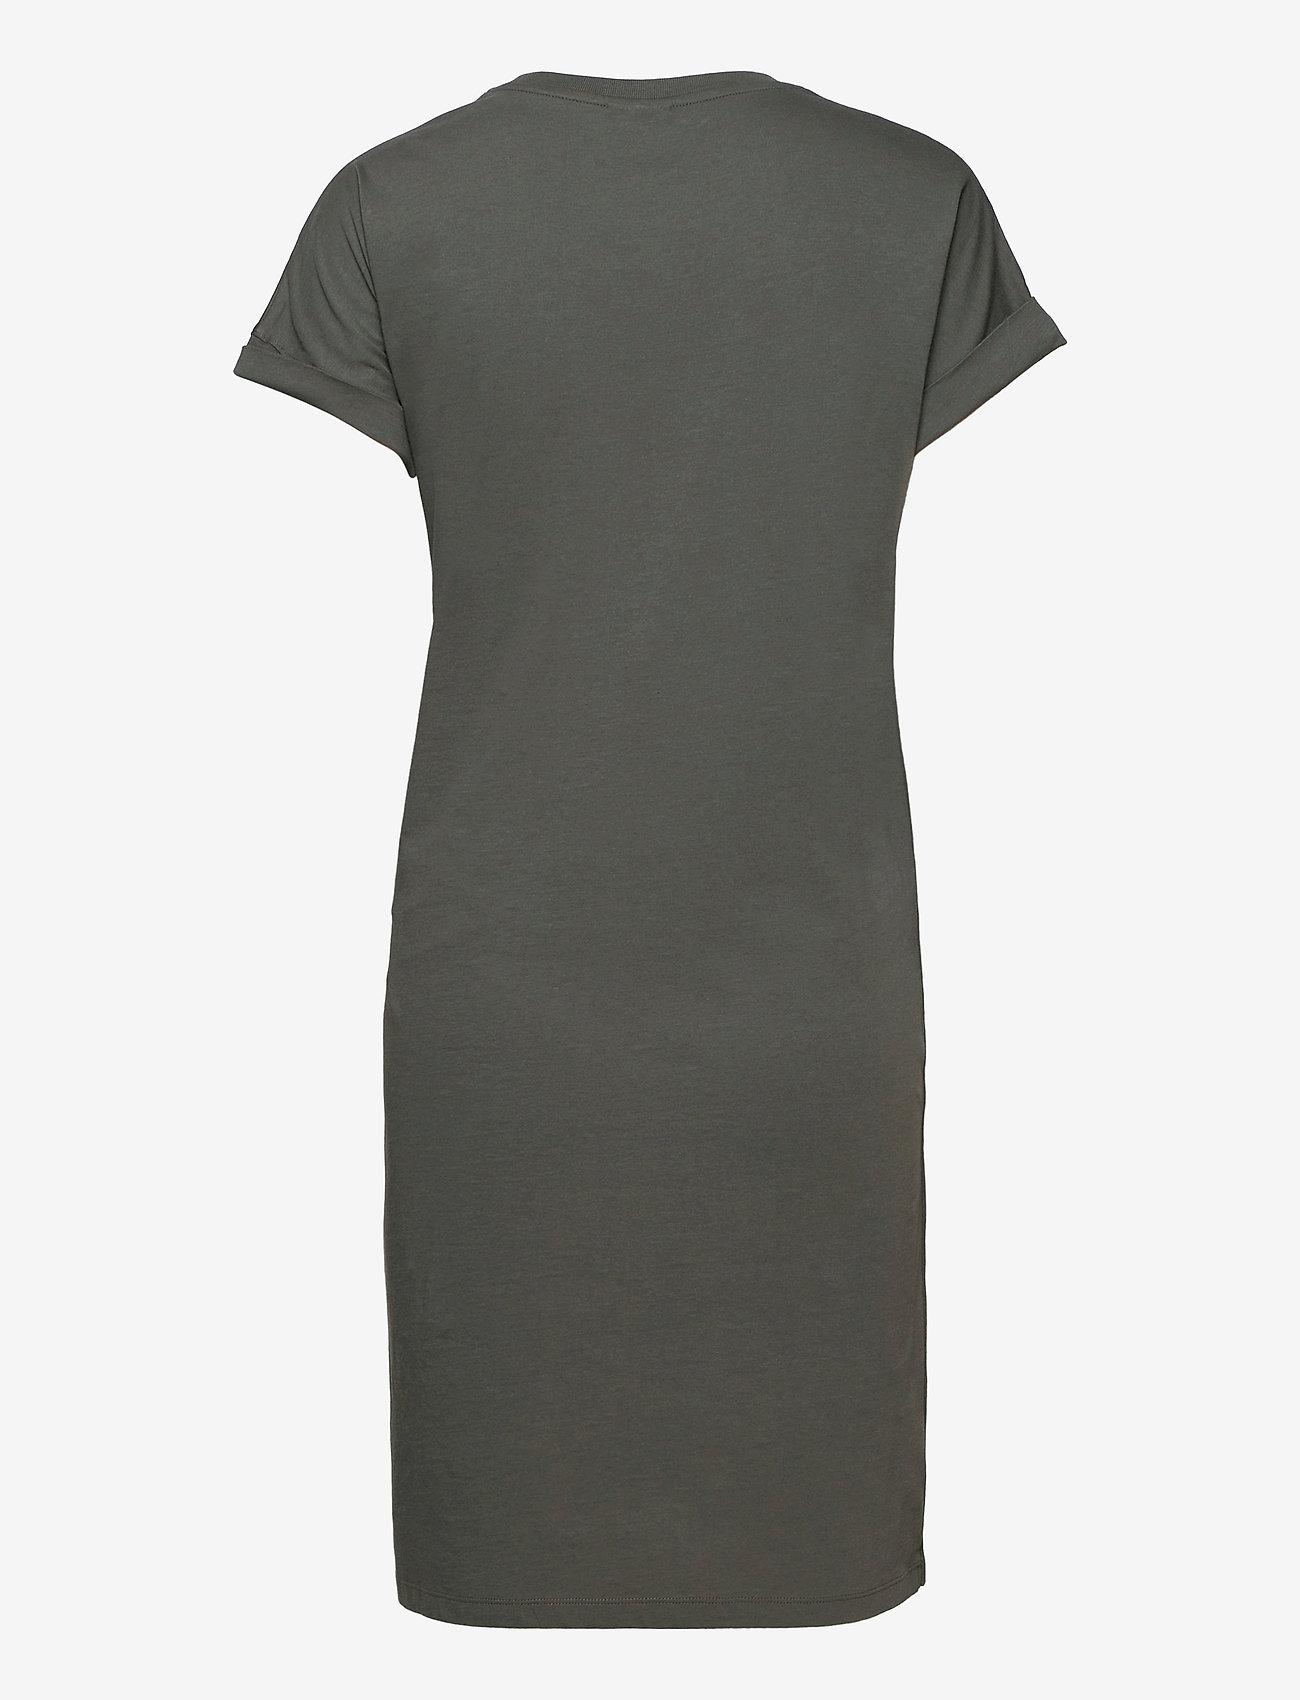 Boob - The-shirt dress - sommerkjoler - willow green - 1